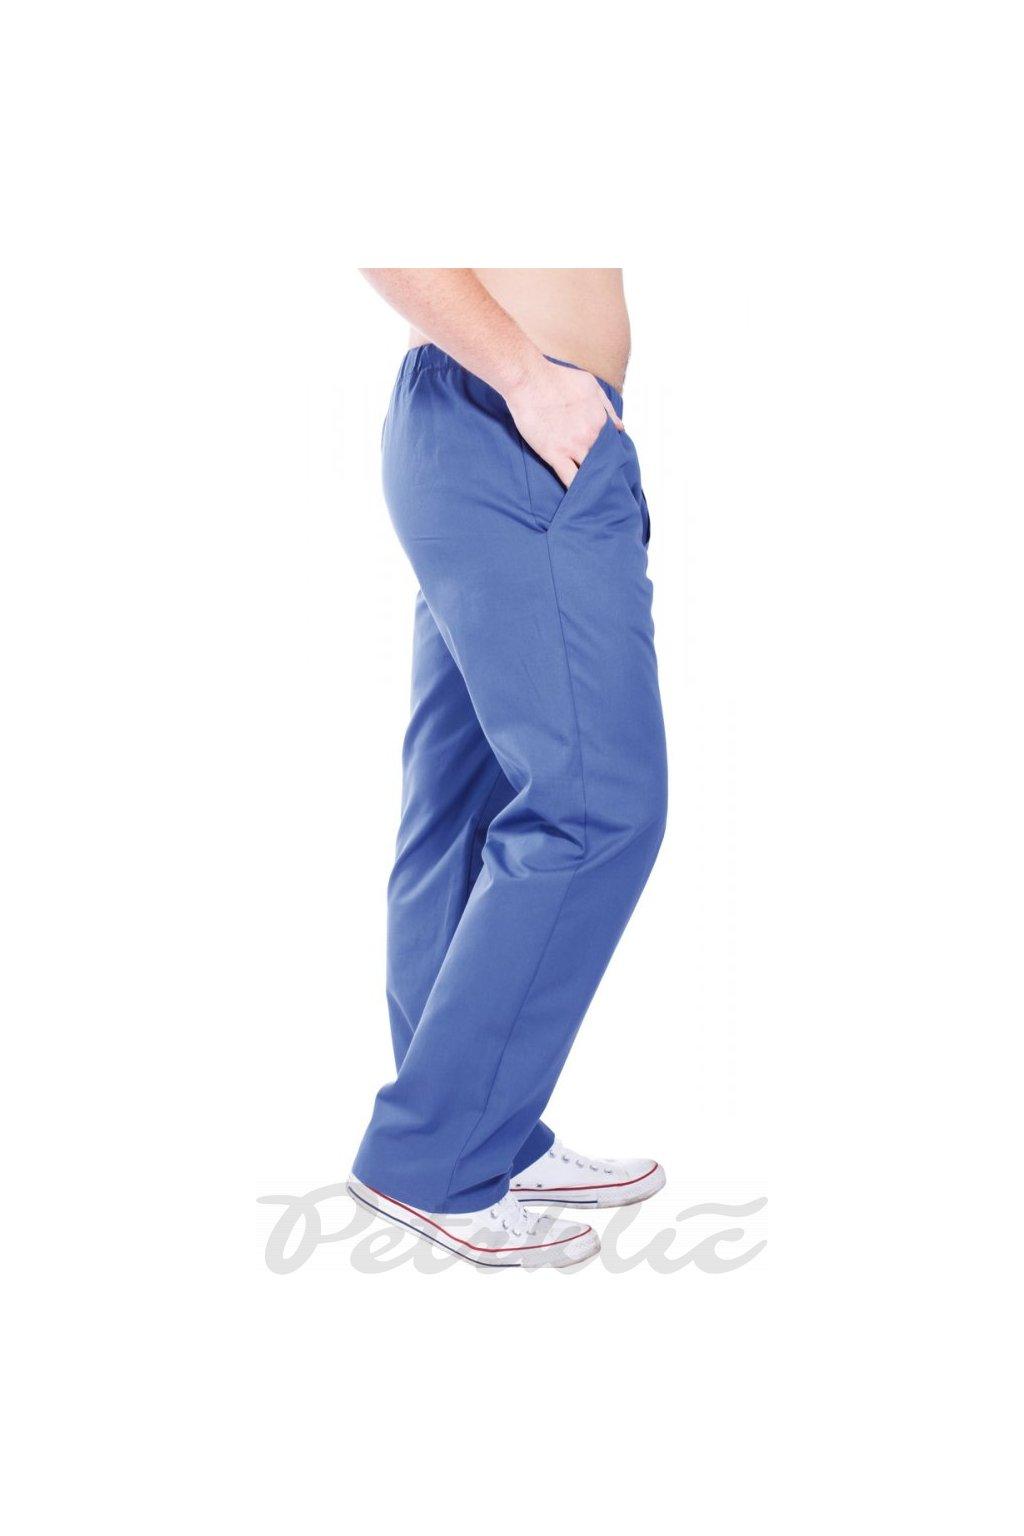 ALBERT - pánské volnočasové kalhoty